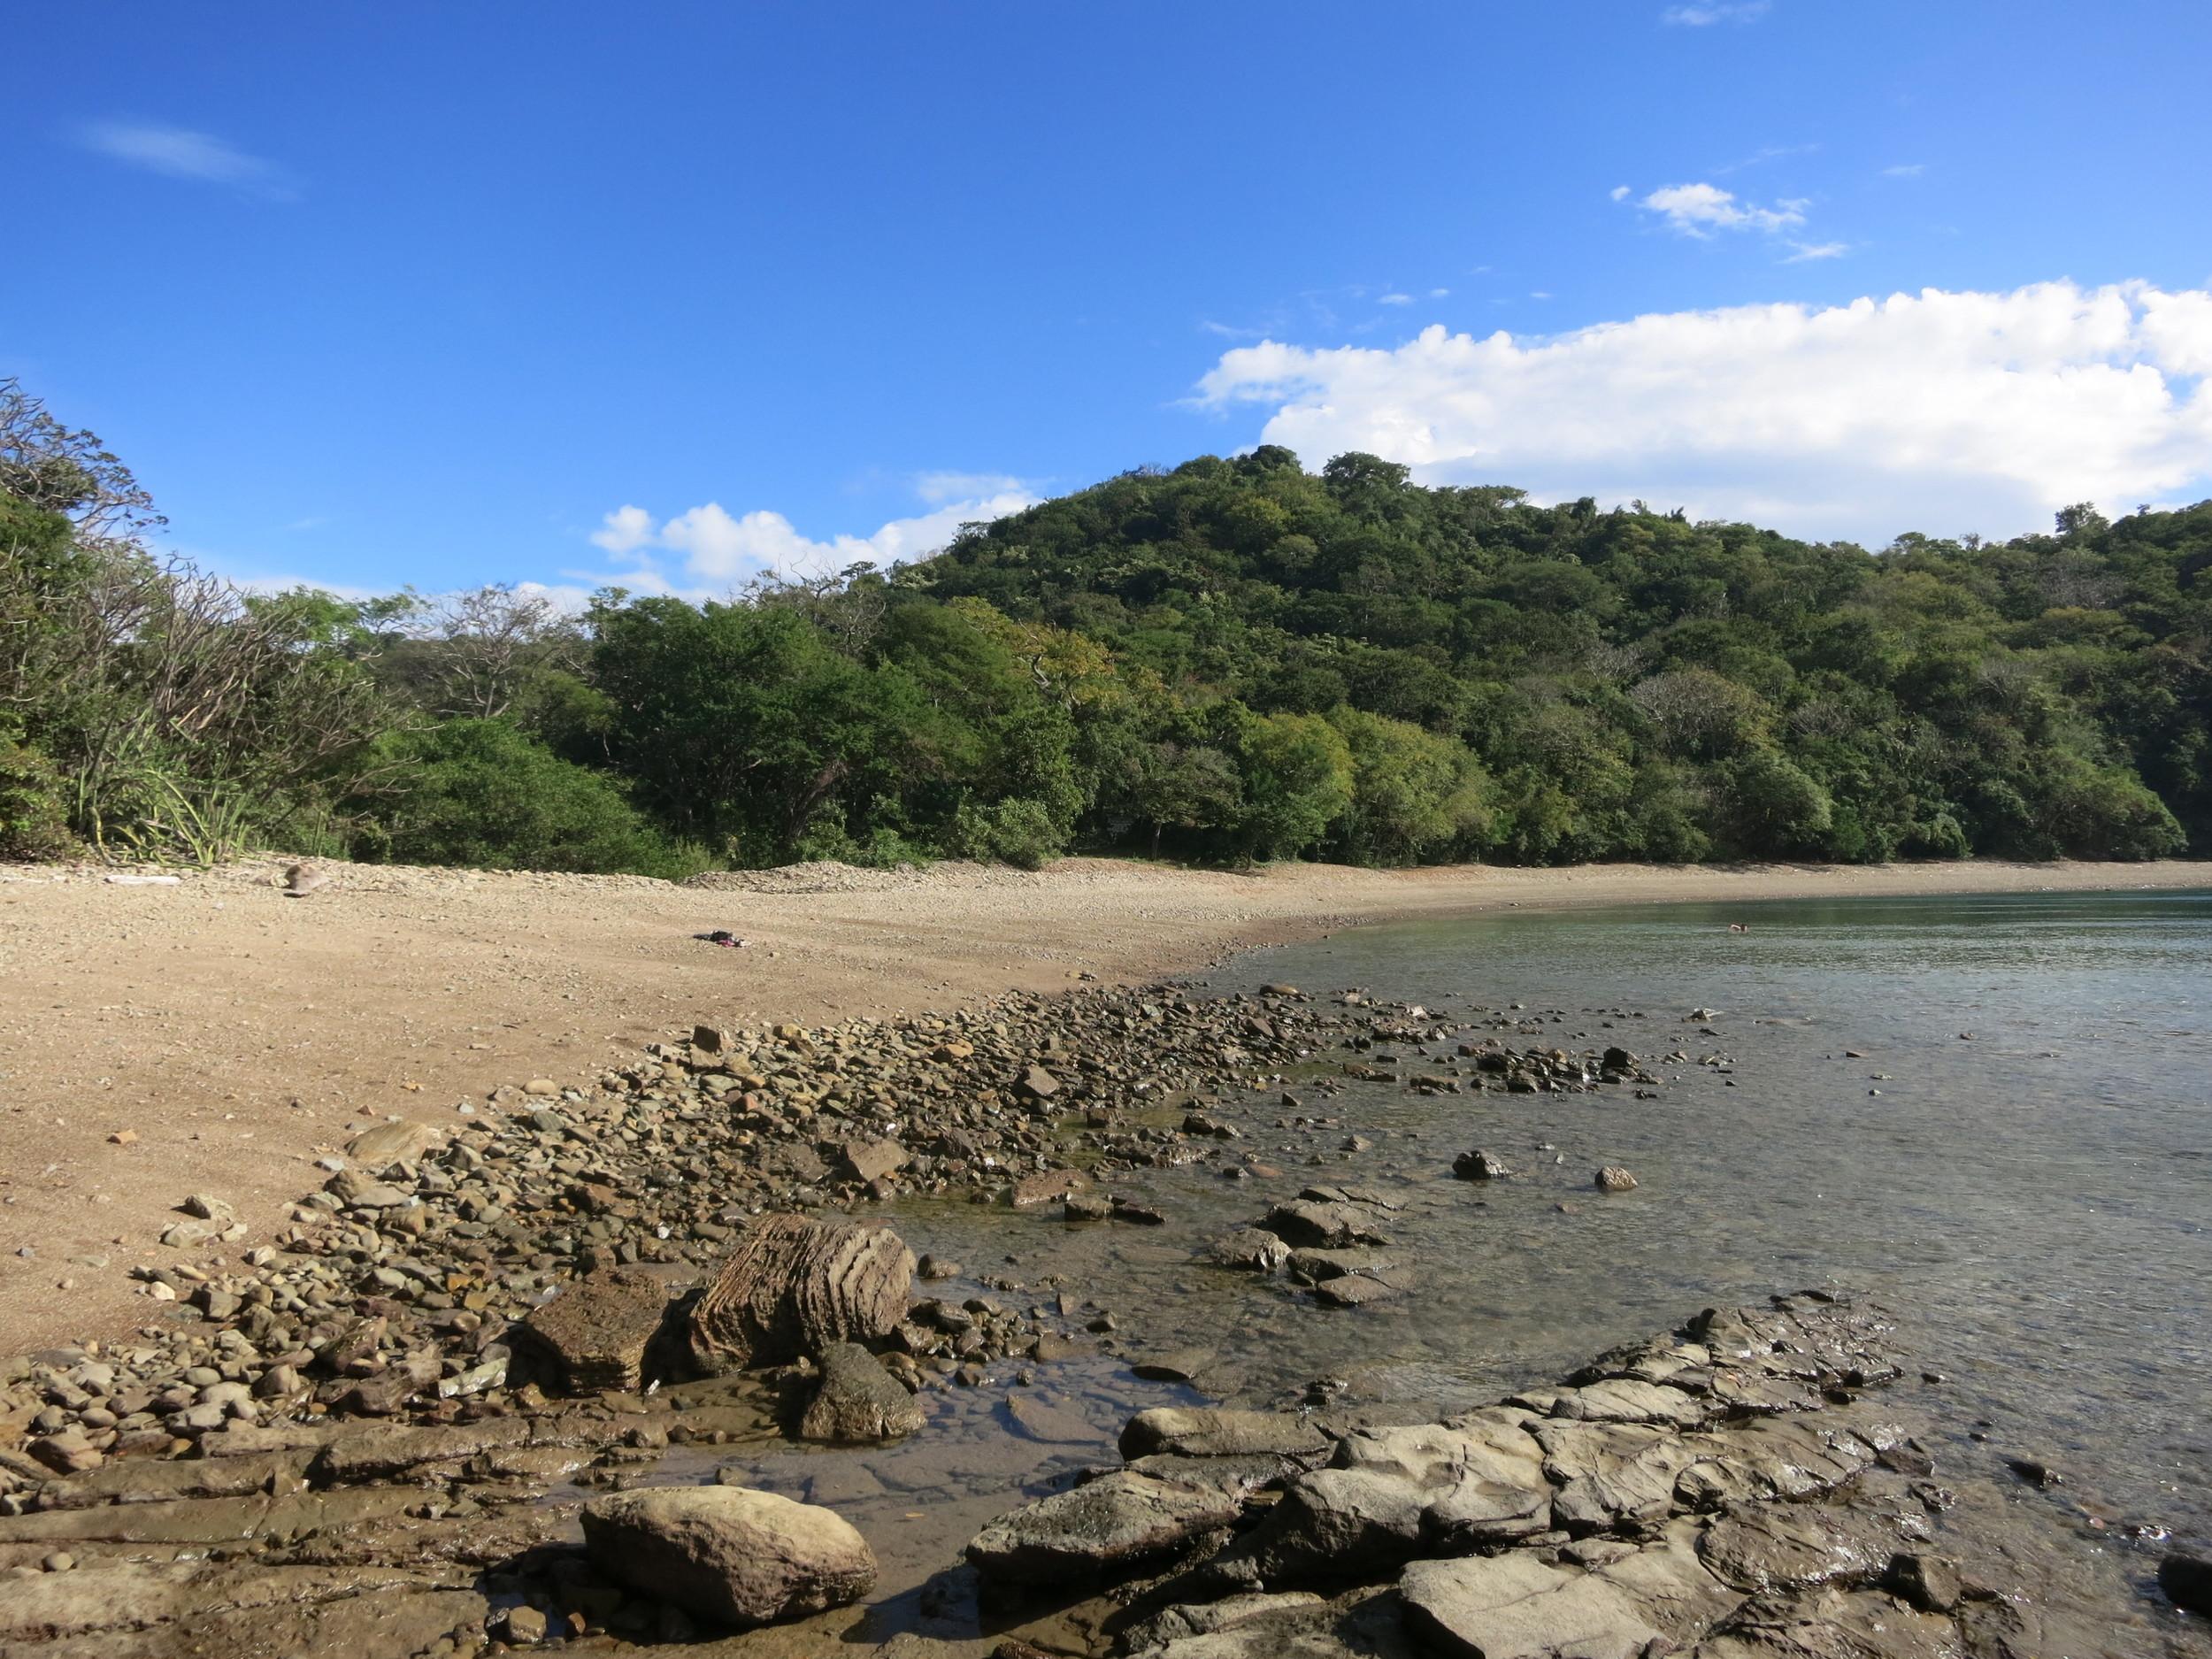 Our own beach!